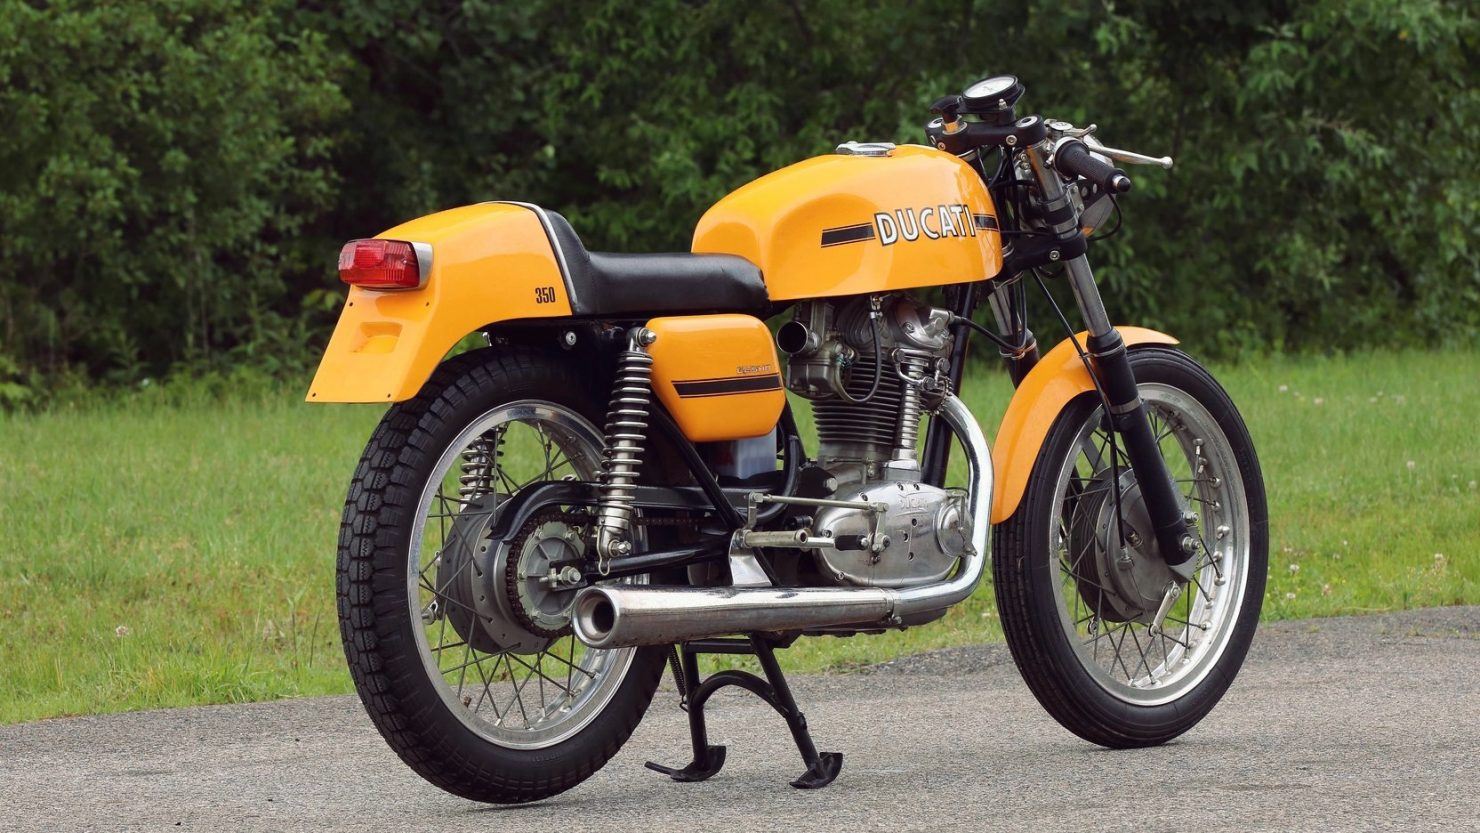 Ducati 350 Desmo 3 1480x833 - 1970 Ducati Desmo 350